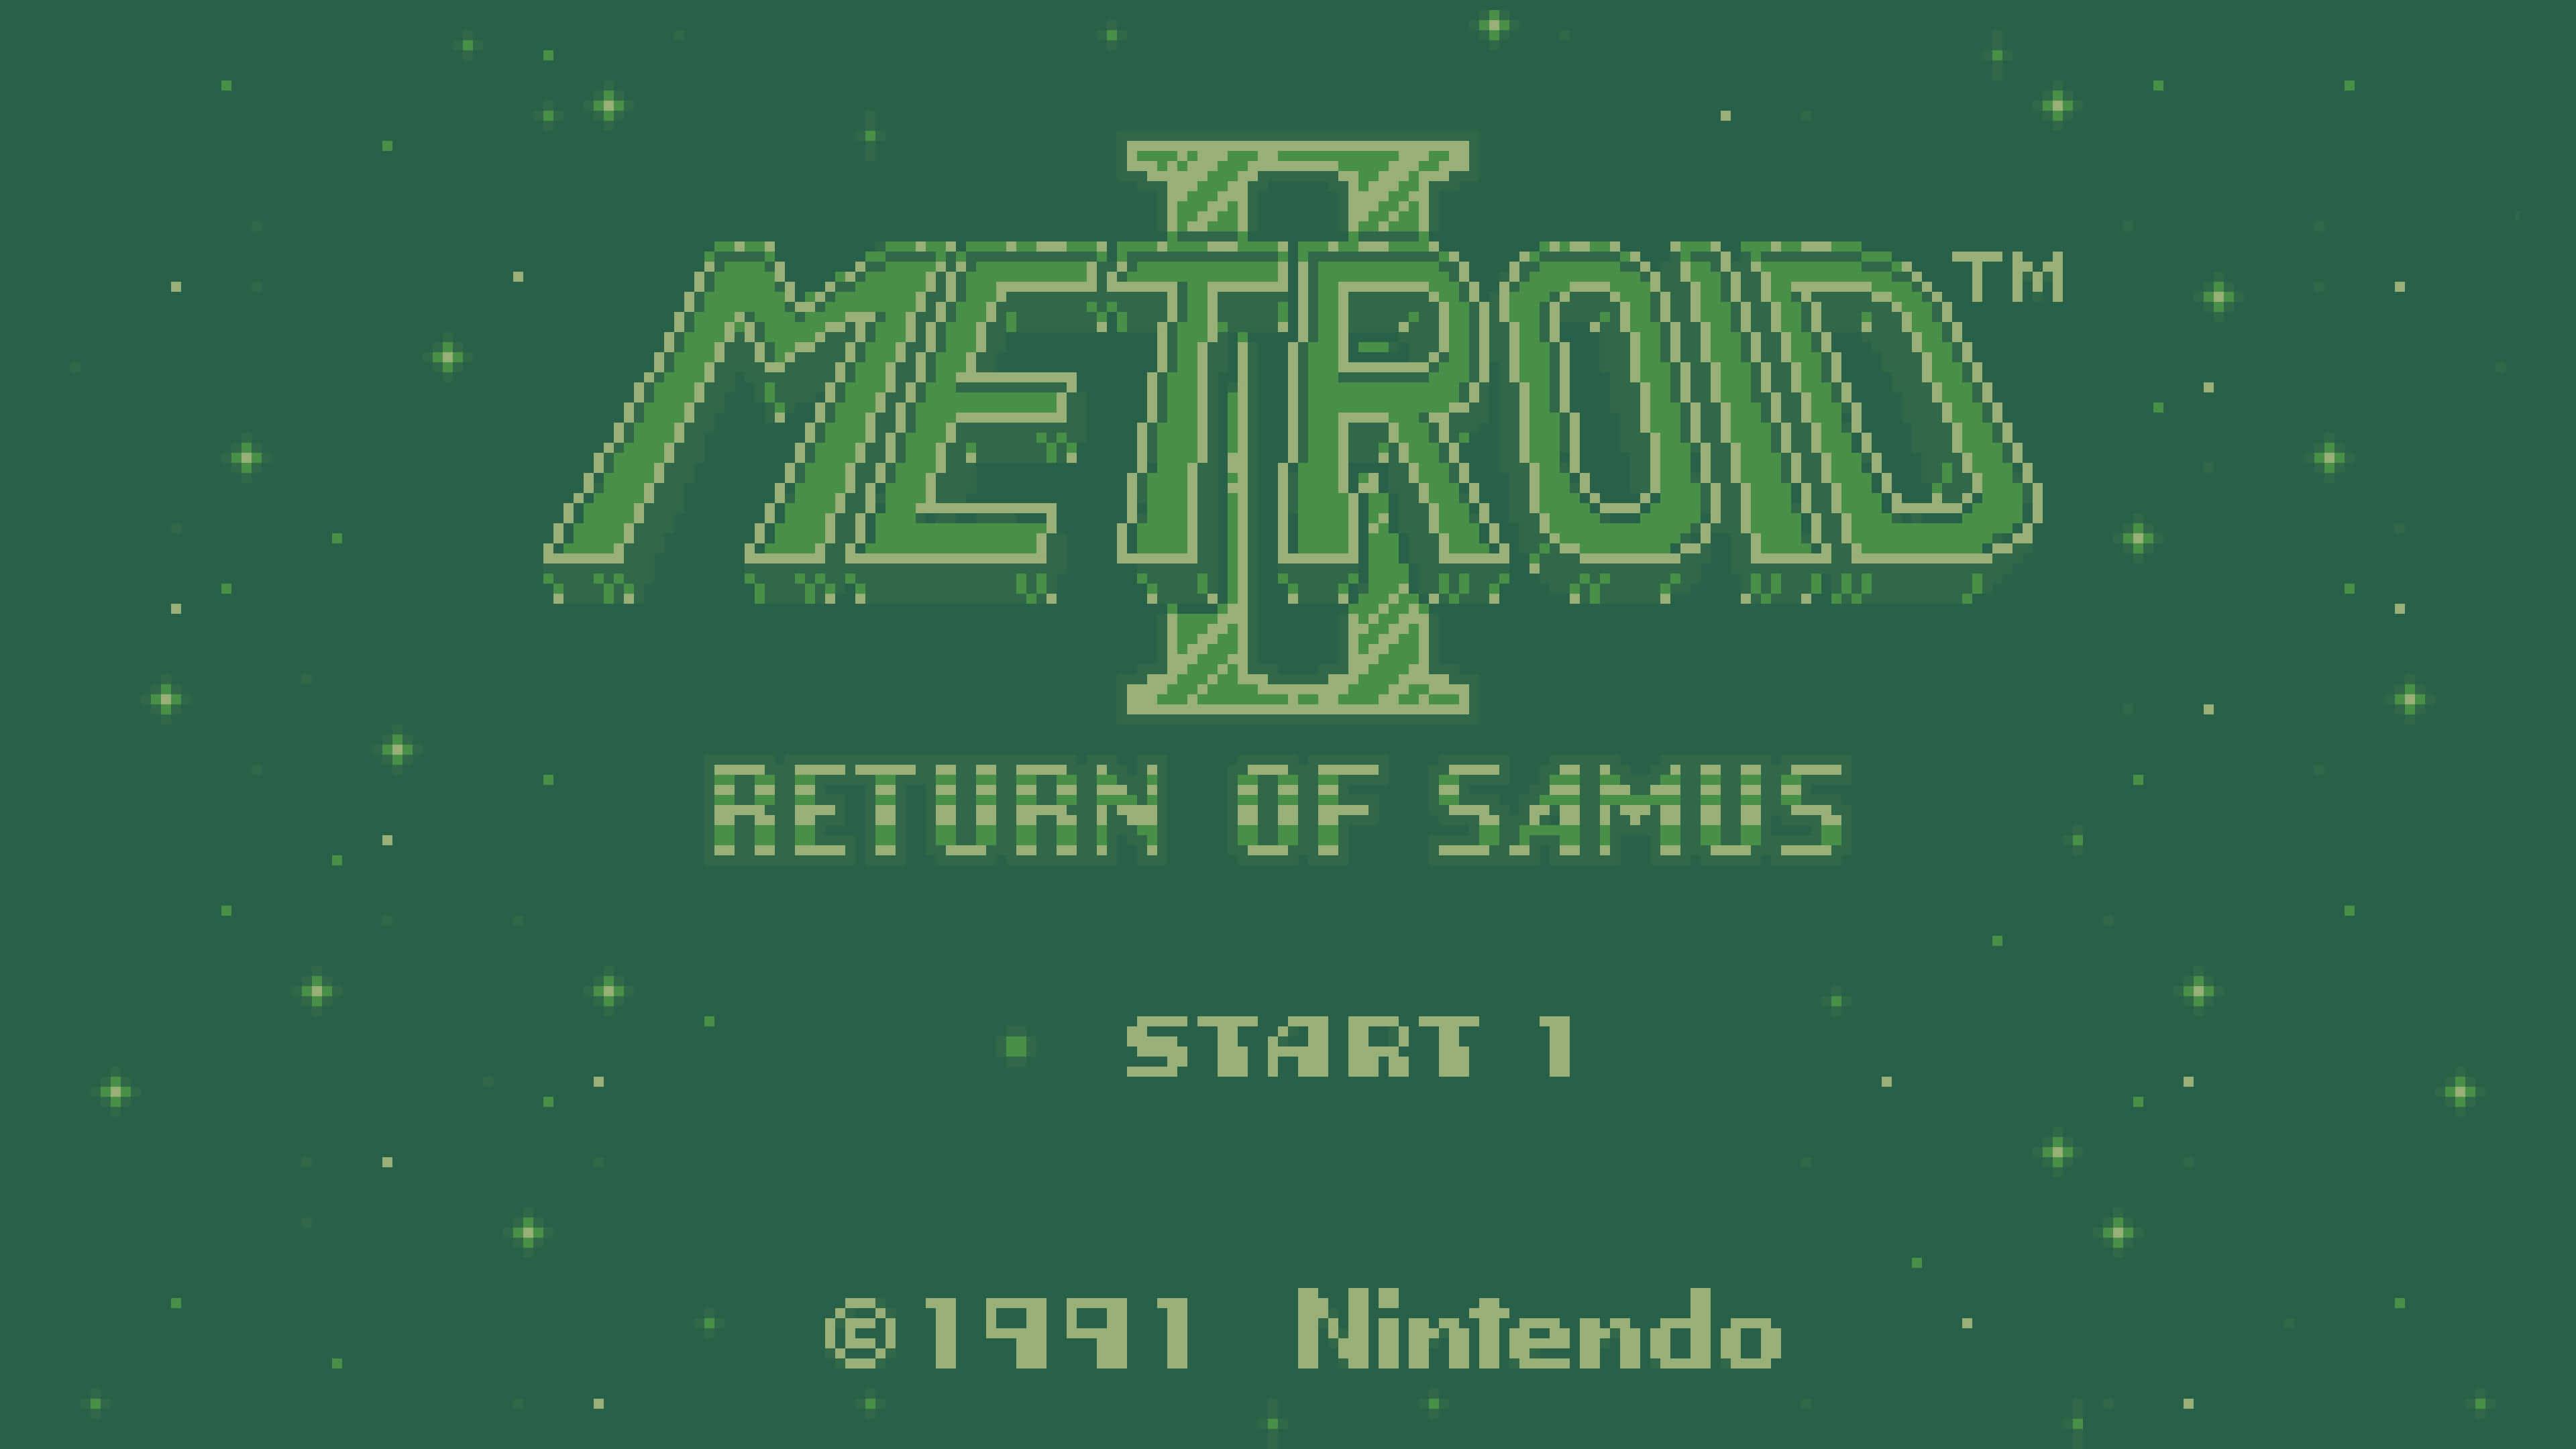 metroid 2 return of samus game boy screenshot uhd 4k wallpaper